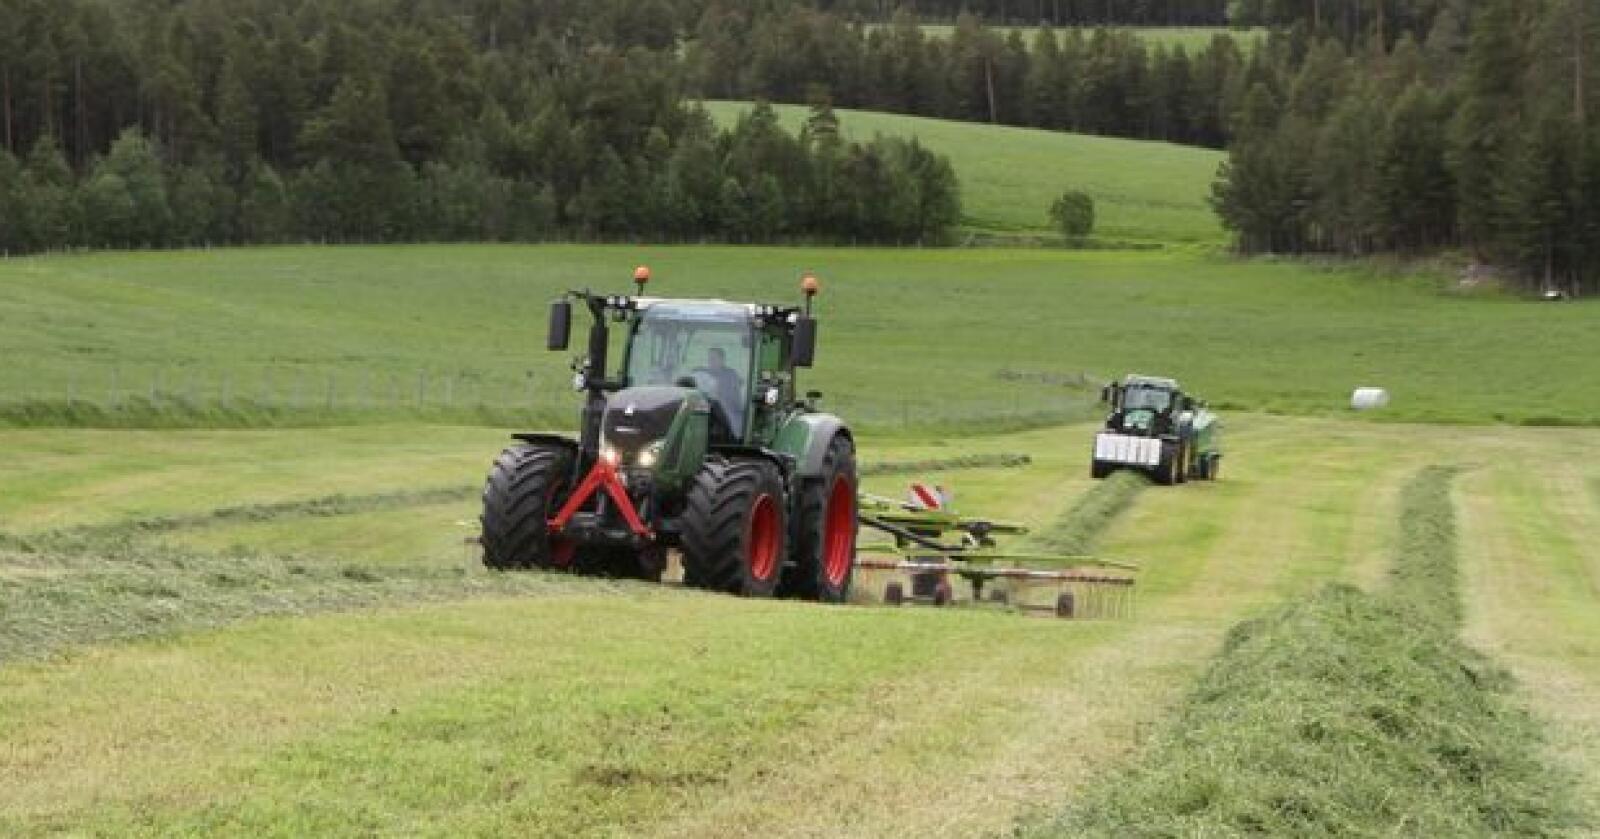 Meld inn priser: Fagbladet Norsk Landbruk vil vite hva du tar for leiekjøring og utleie av maskiner og utstyr. Foto: Trond Martin Wiersholm